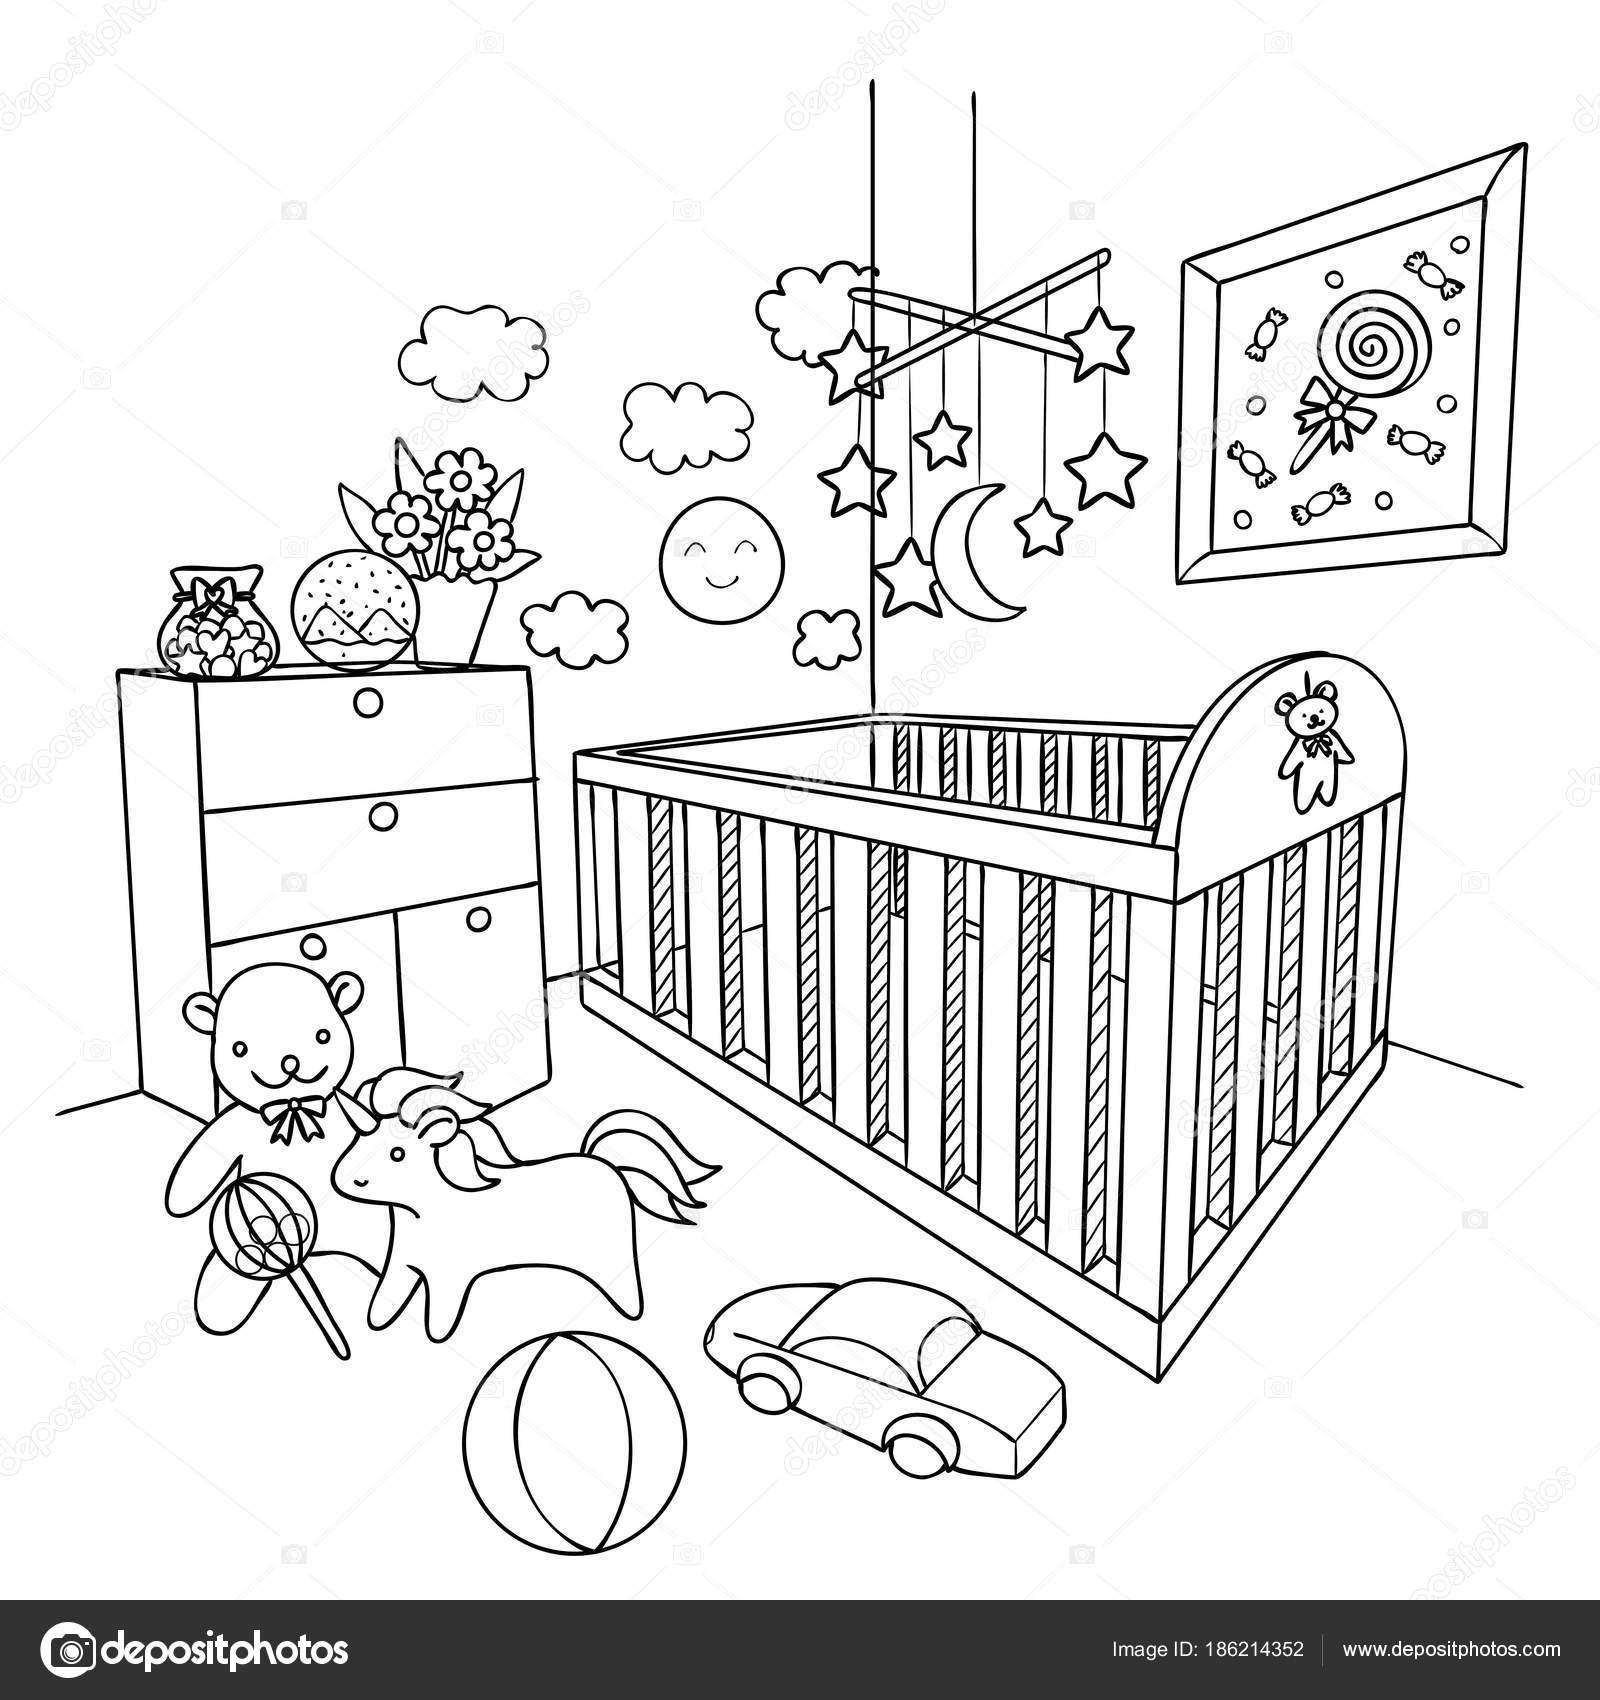 çizilmiş Bebek Odası Tasarım öğesi Için Kitap Sayfa Boyama Vektör